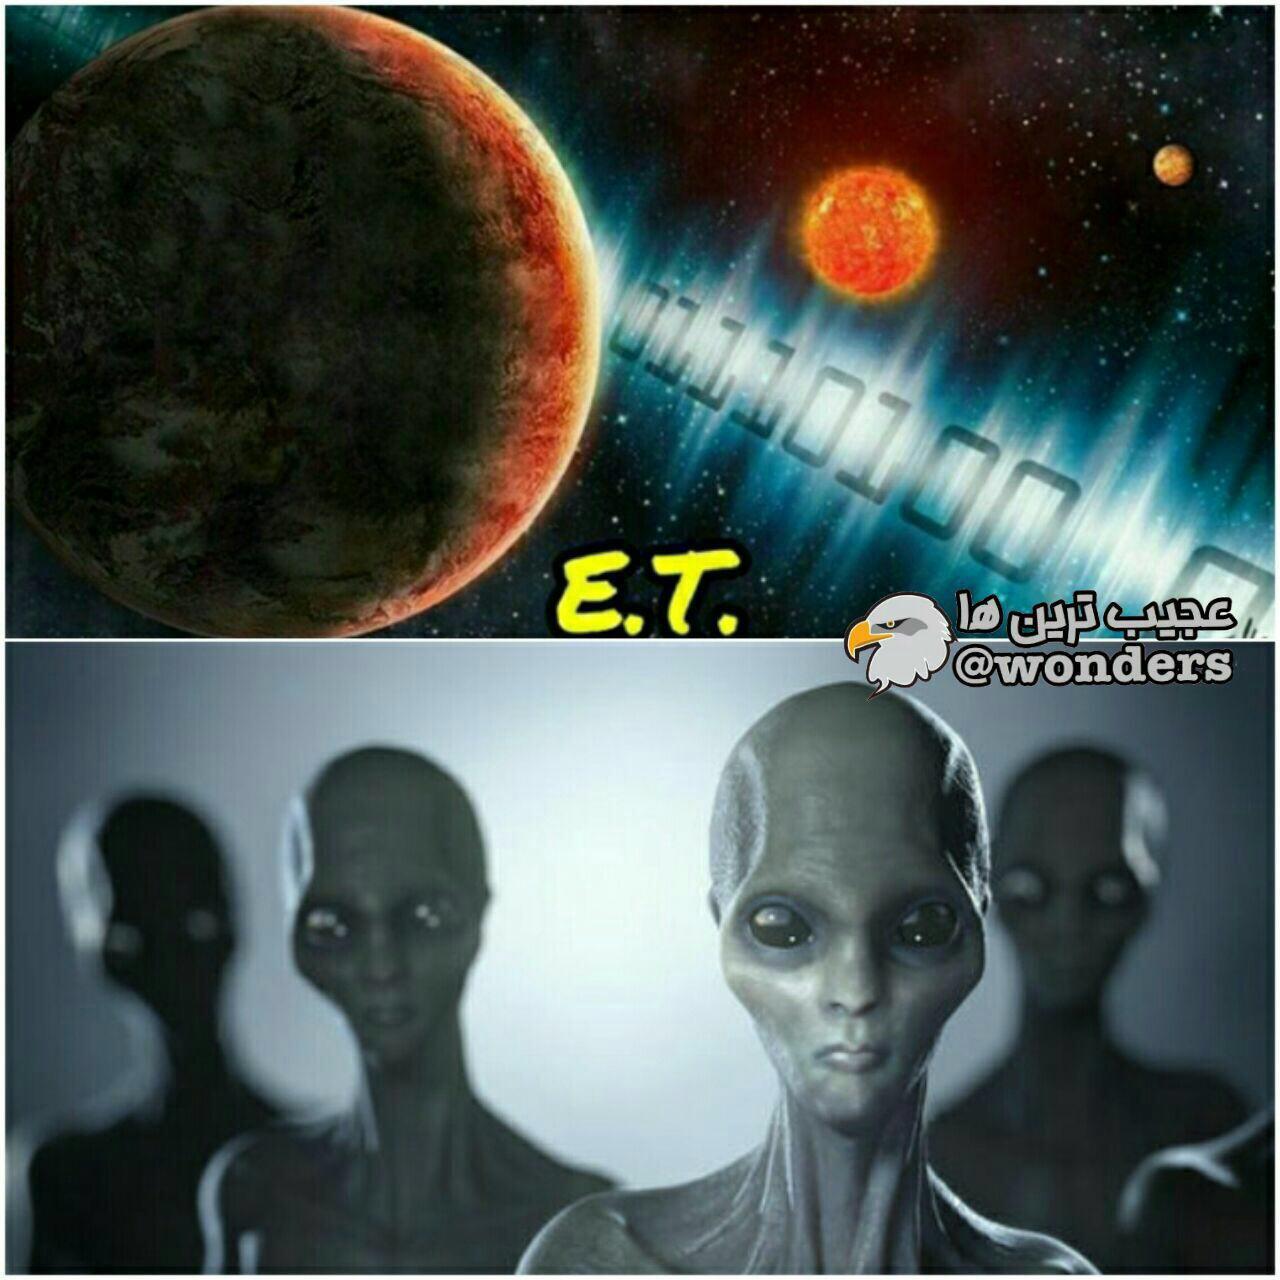 فرستادن پیام برای موجودات فضایی